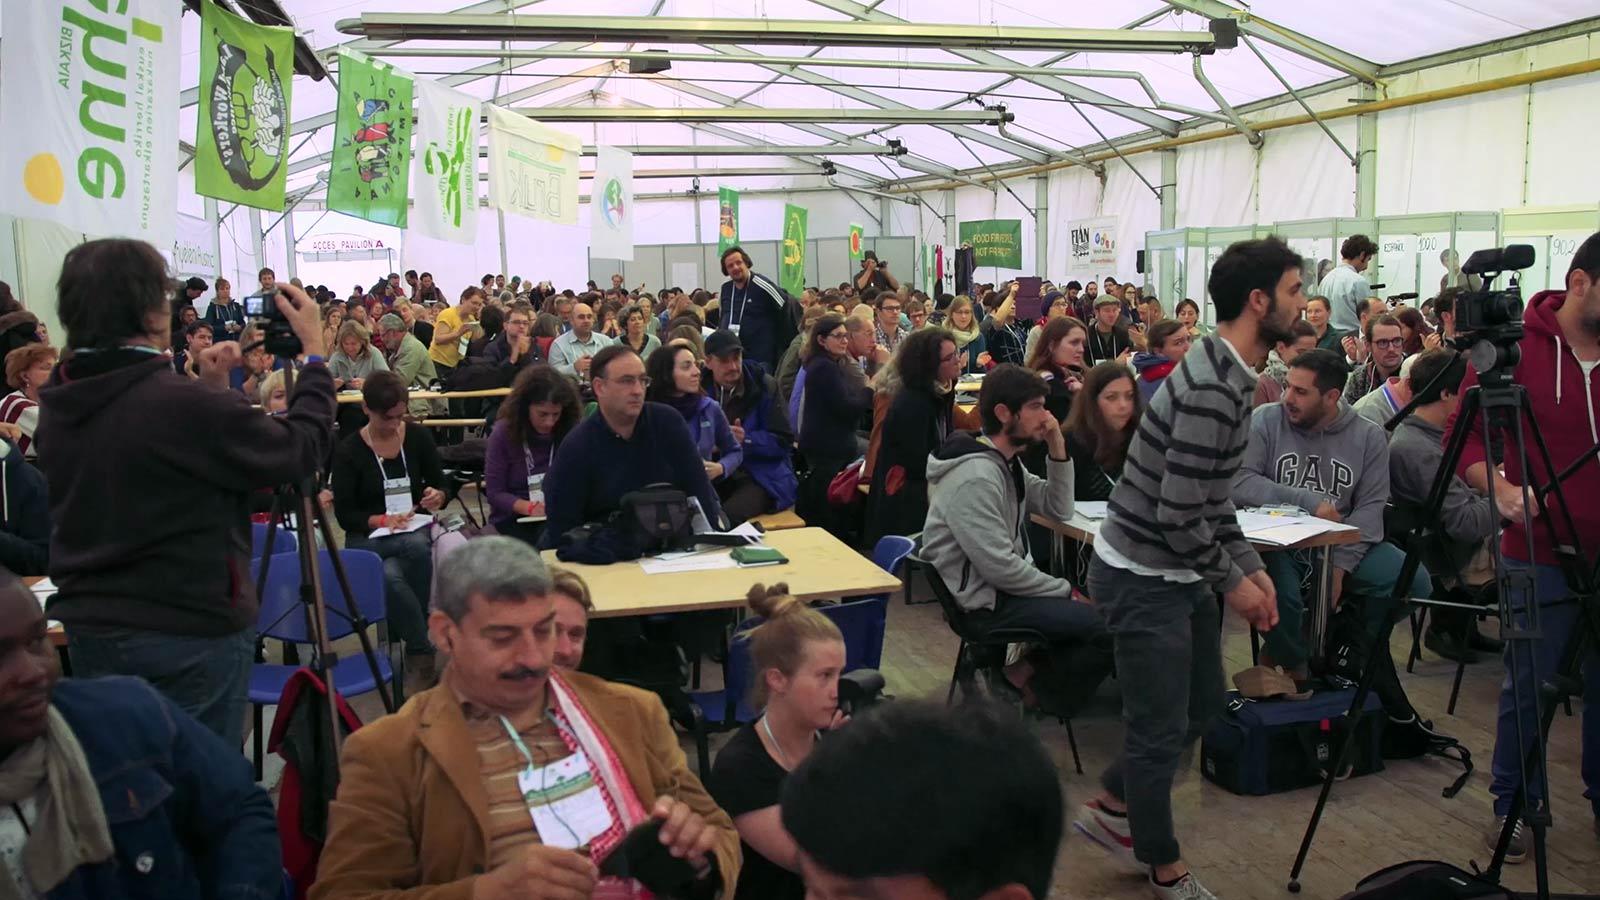 evenement film laten maken in grote zaal